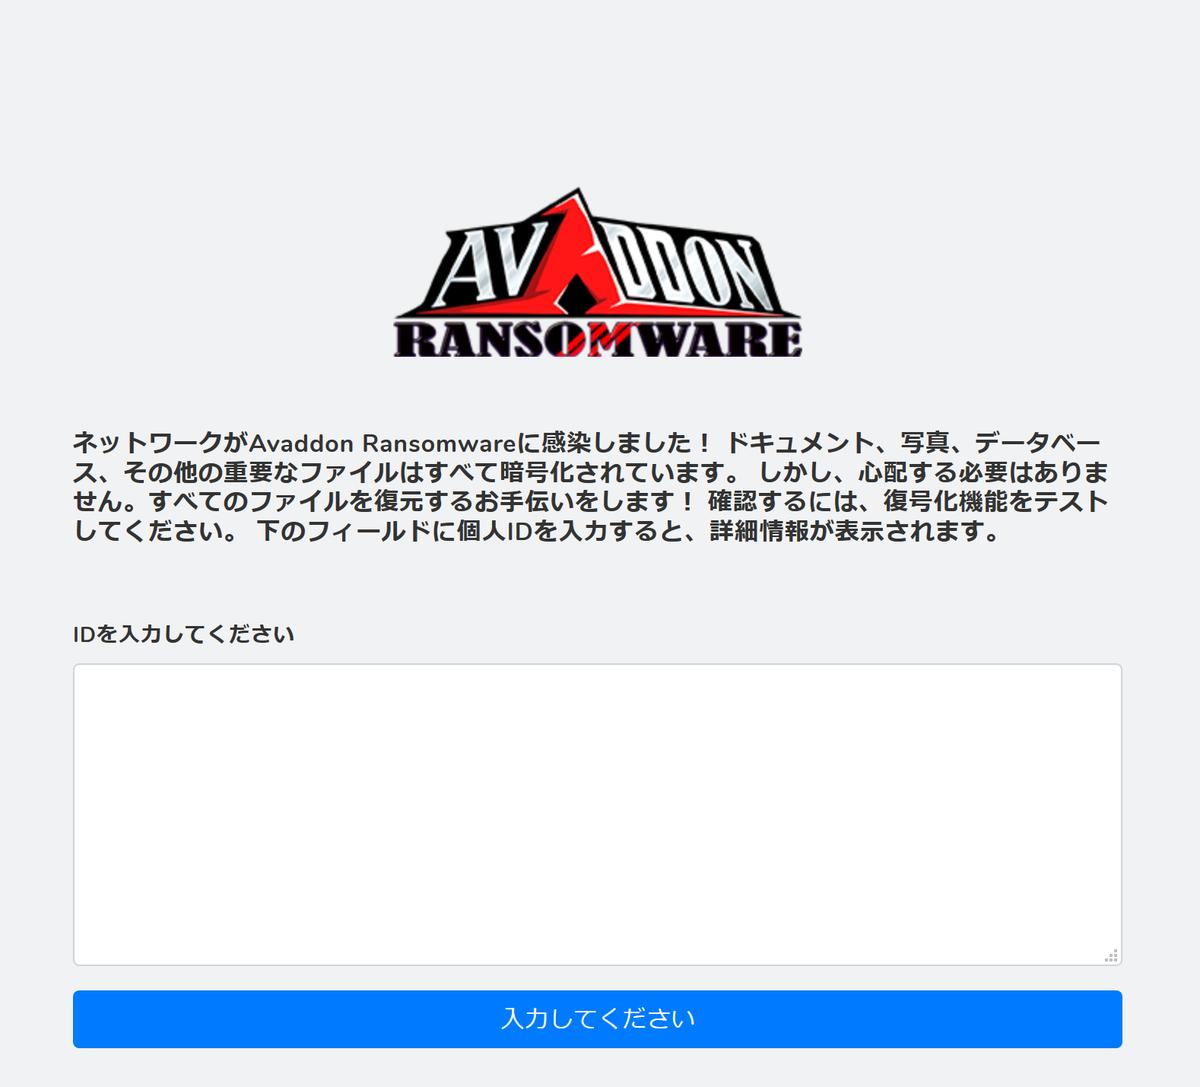 f:id:tanigawa:20200928094953p:plain